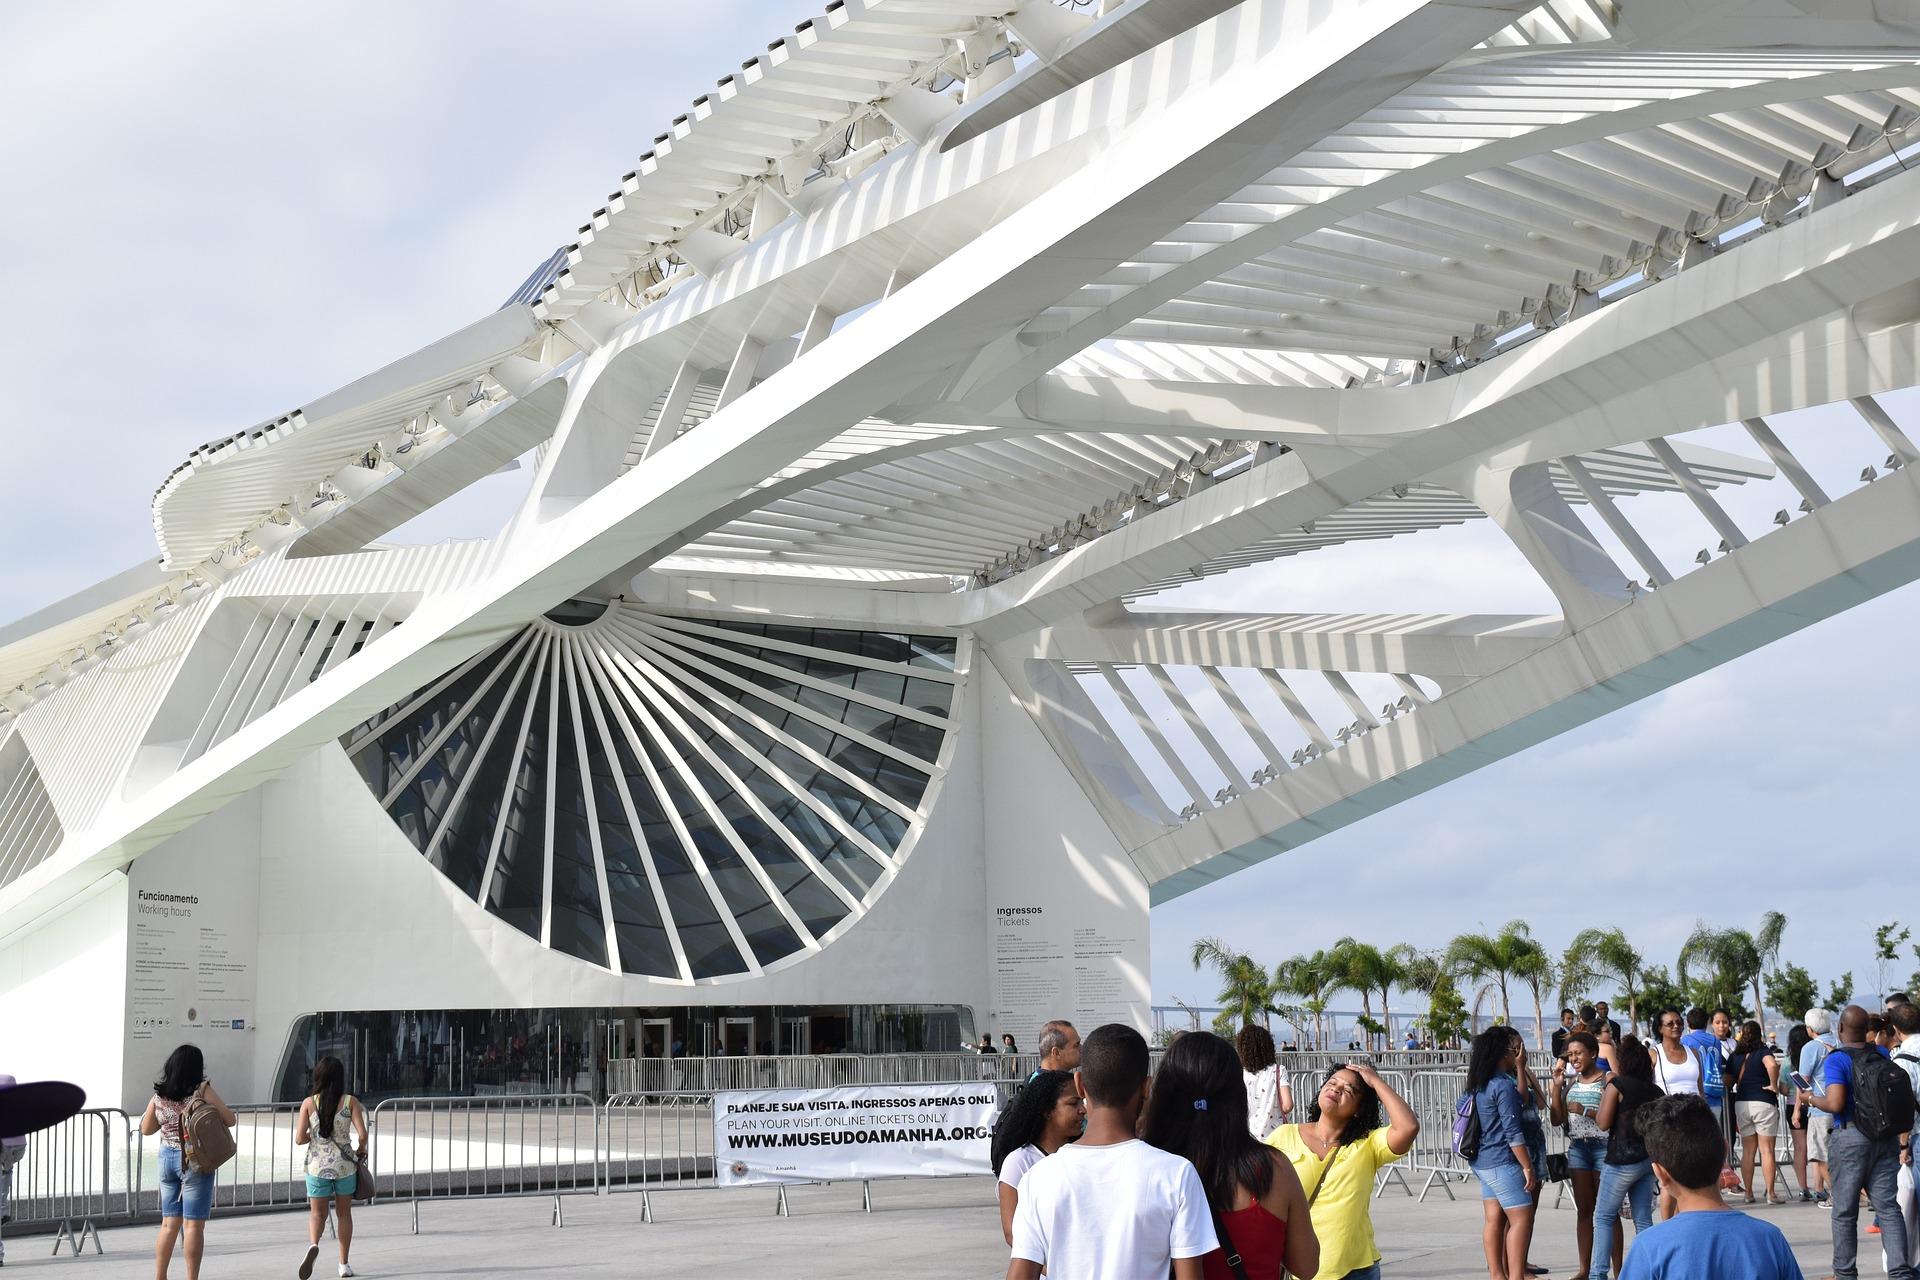 Quer visitar um museu no Rio? Confira as nossas indicações